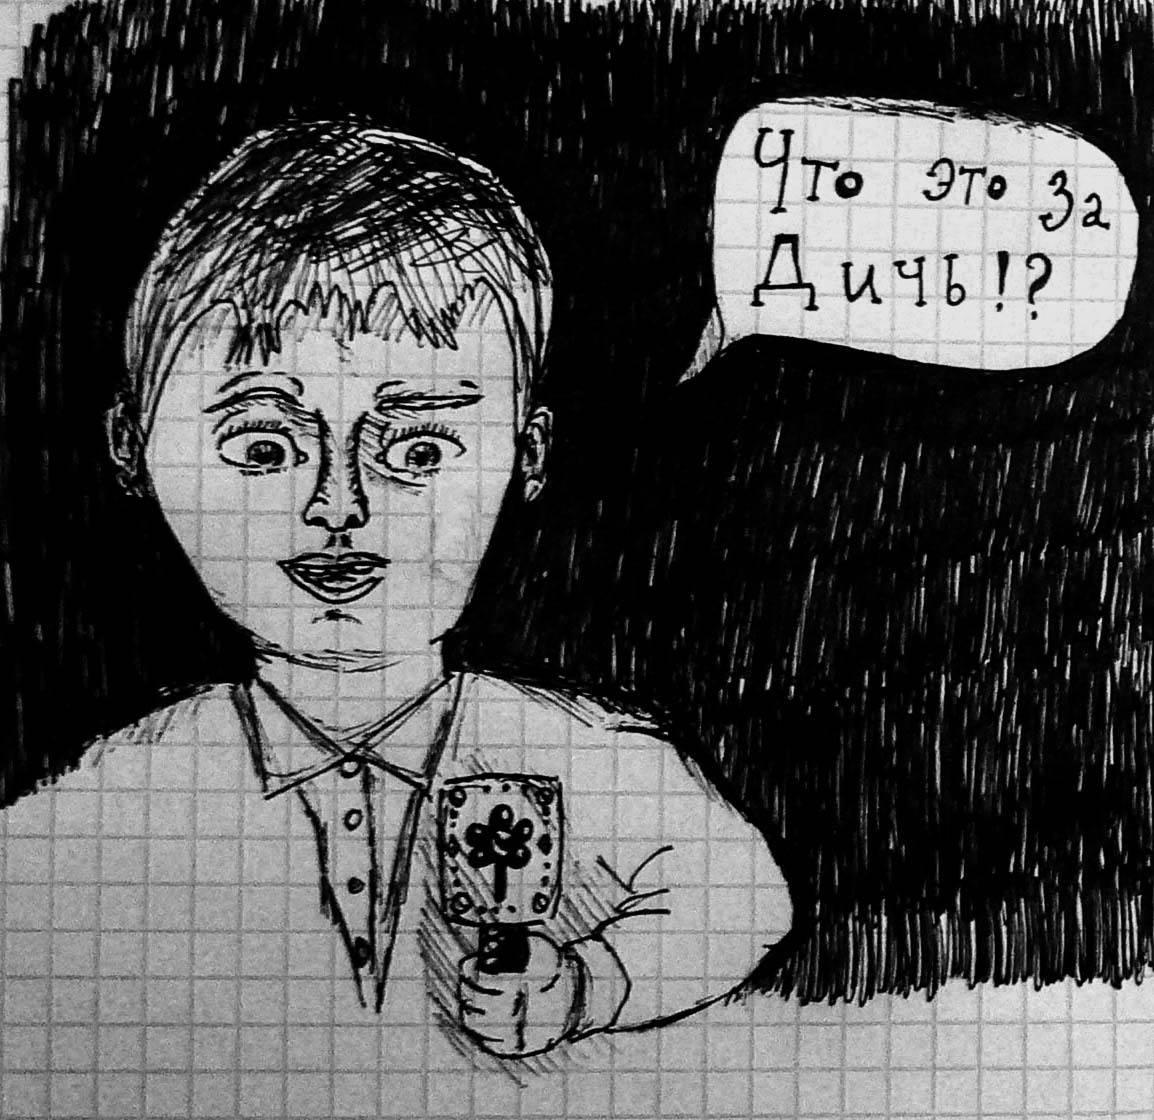 """Андрей Мирошников ( """"Что это за дичь!?"""" - его коронная фраза )."""